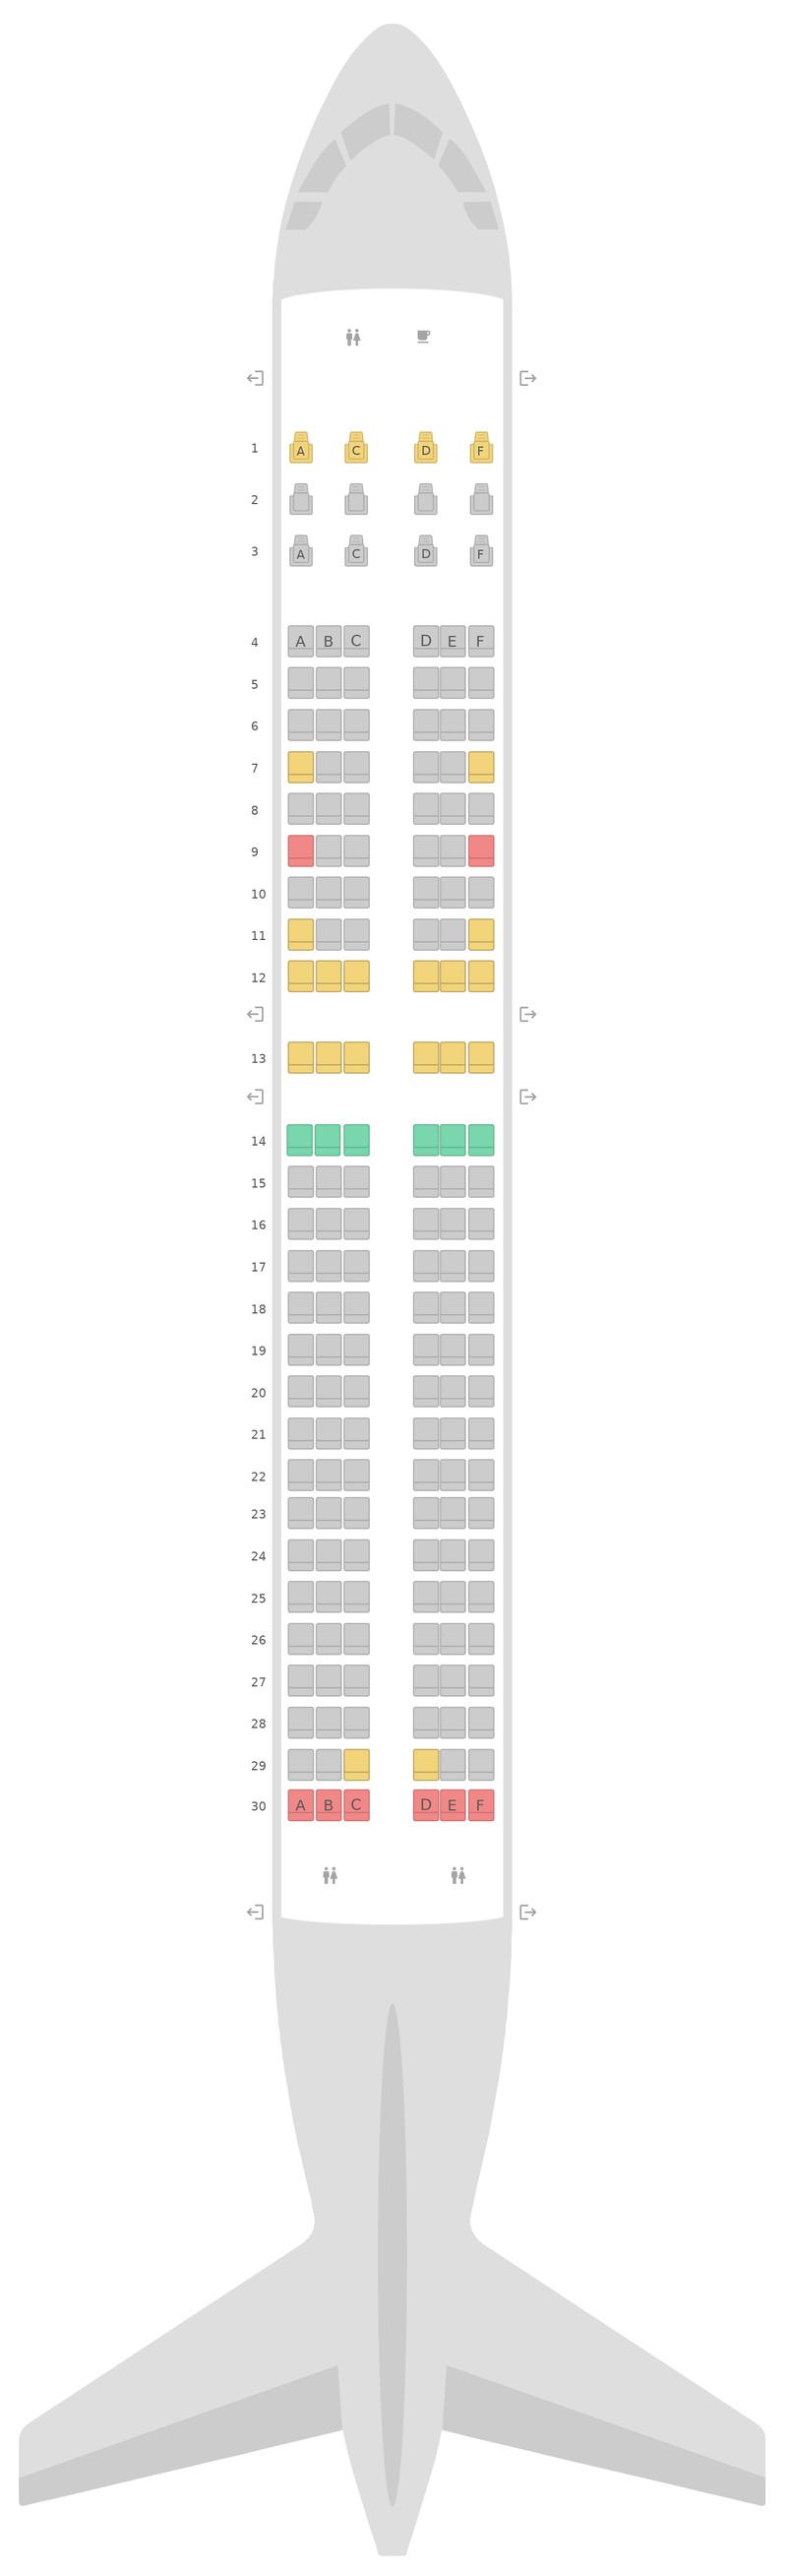 Mapa de asientos Boeing 737-800 (738) WestJet